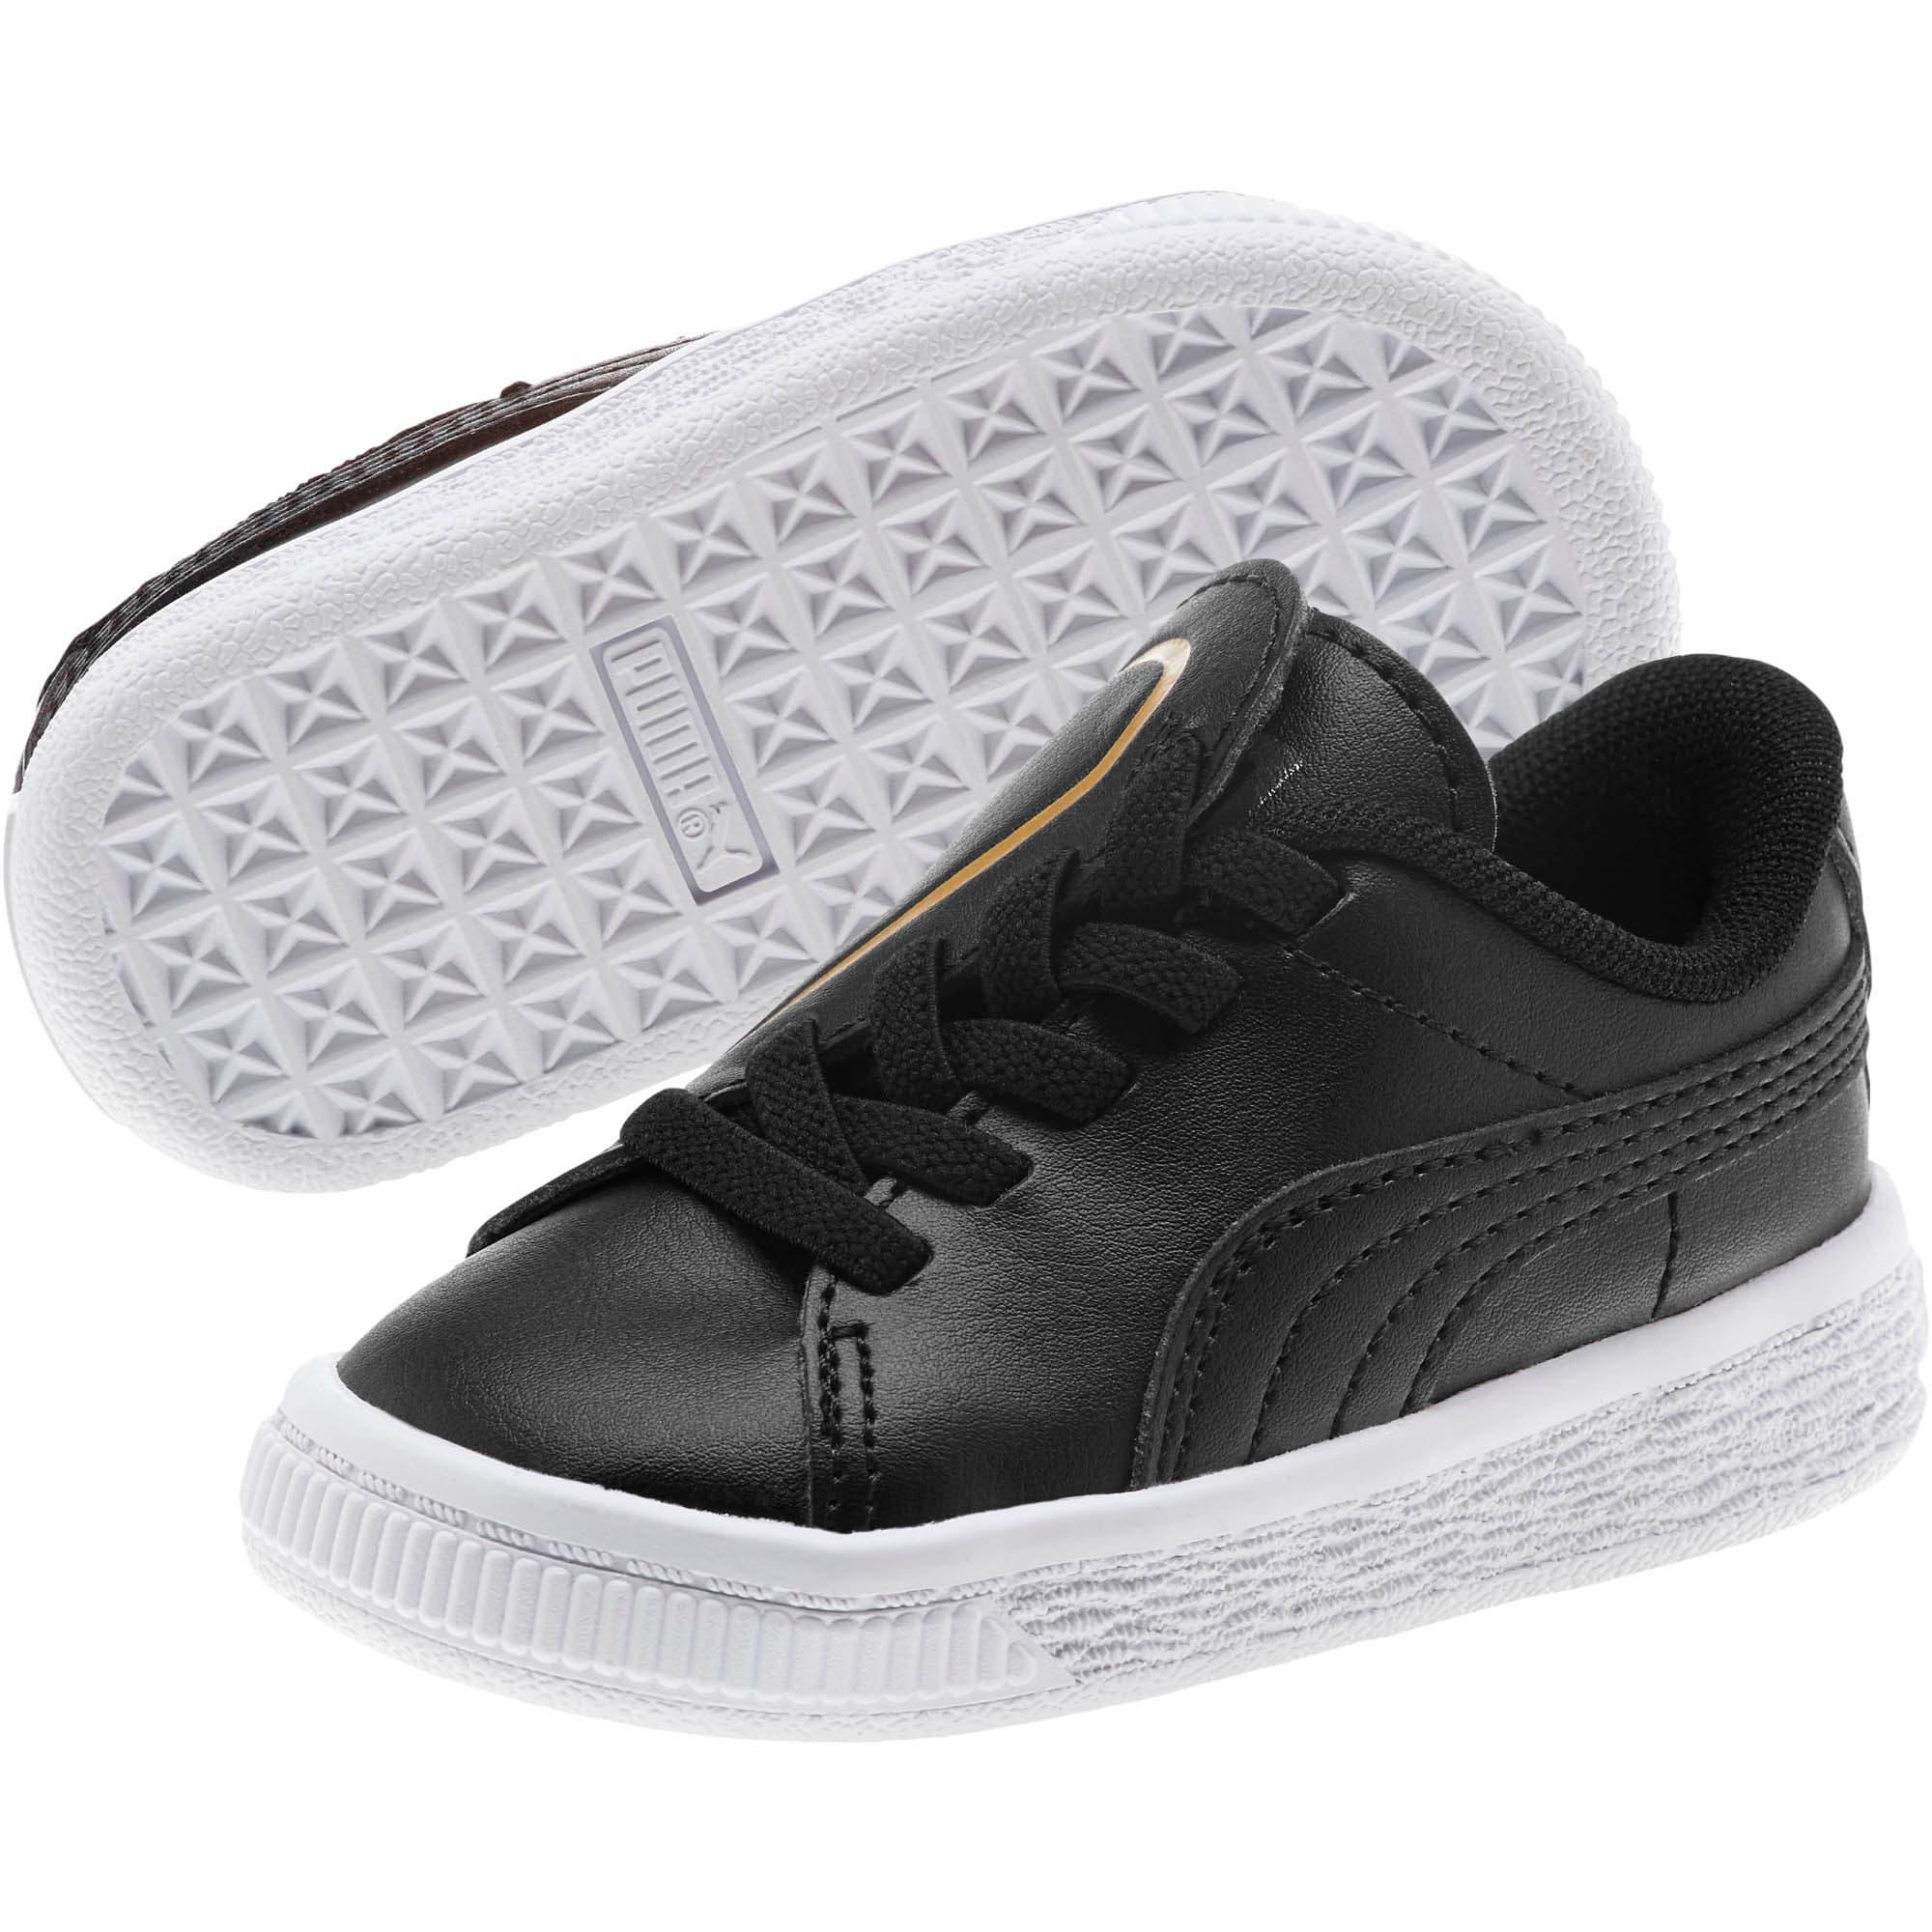 Miniatura 2 de Zapatos Basket Crush AC para bebés, Puma Black-Puma Team Gold, mediano